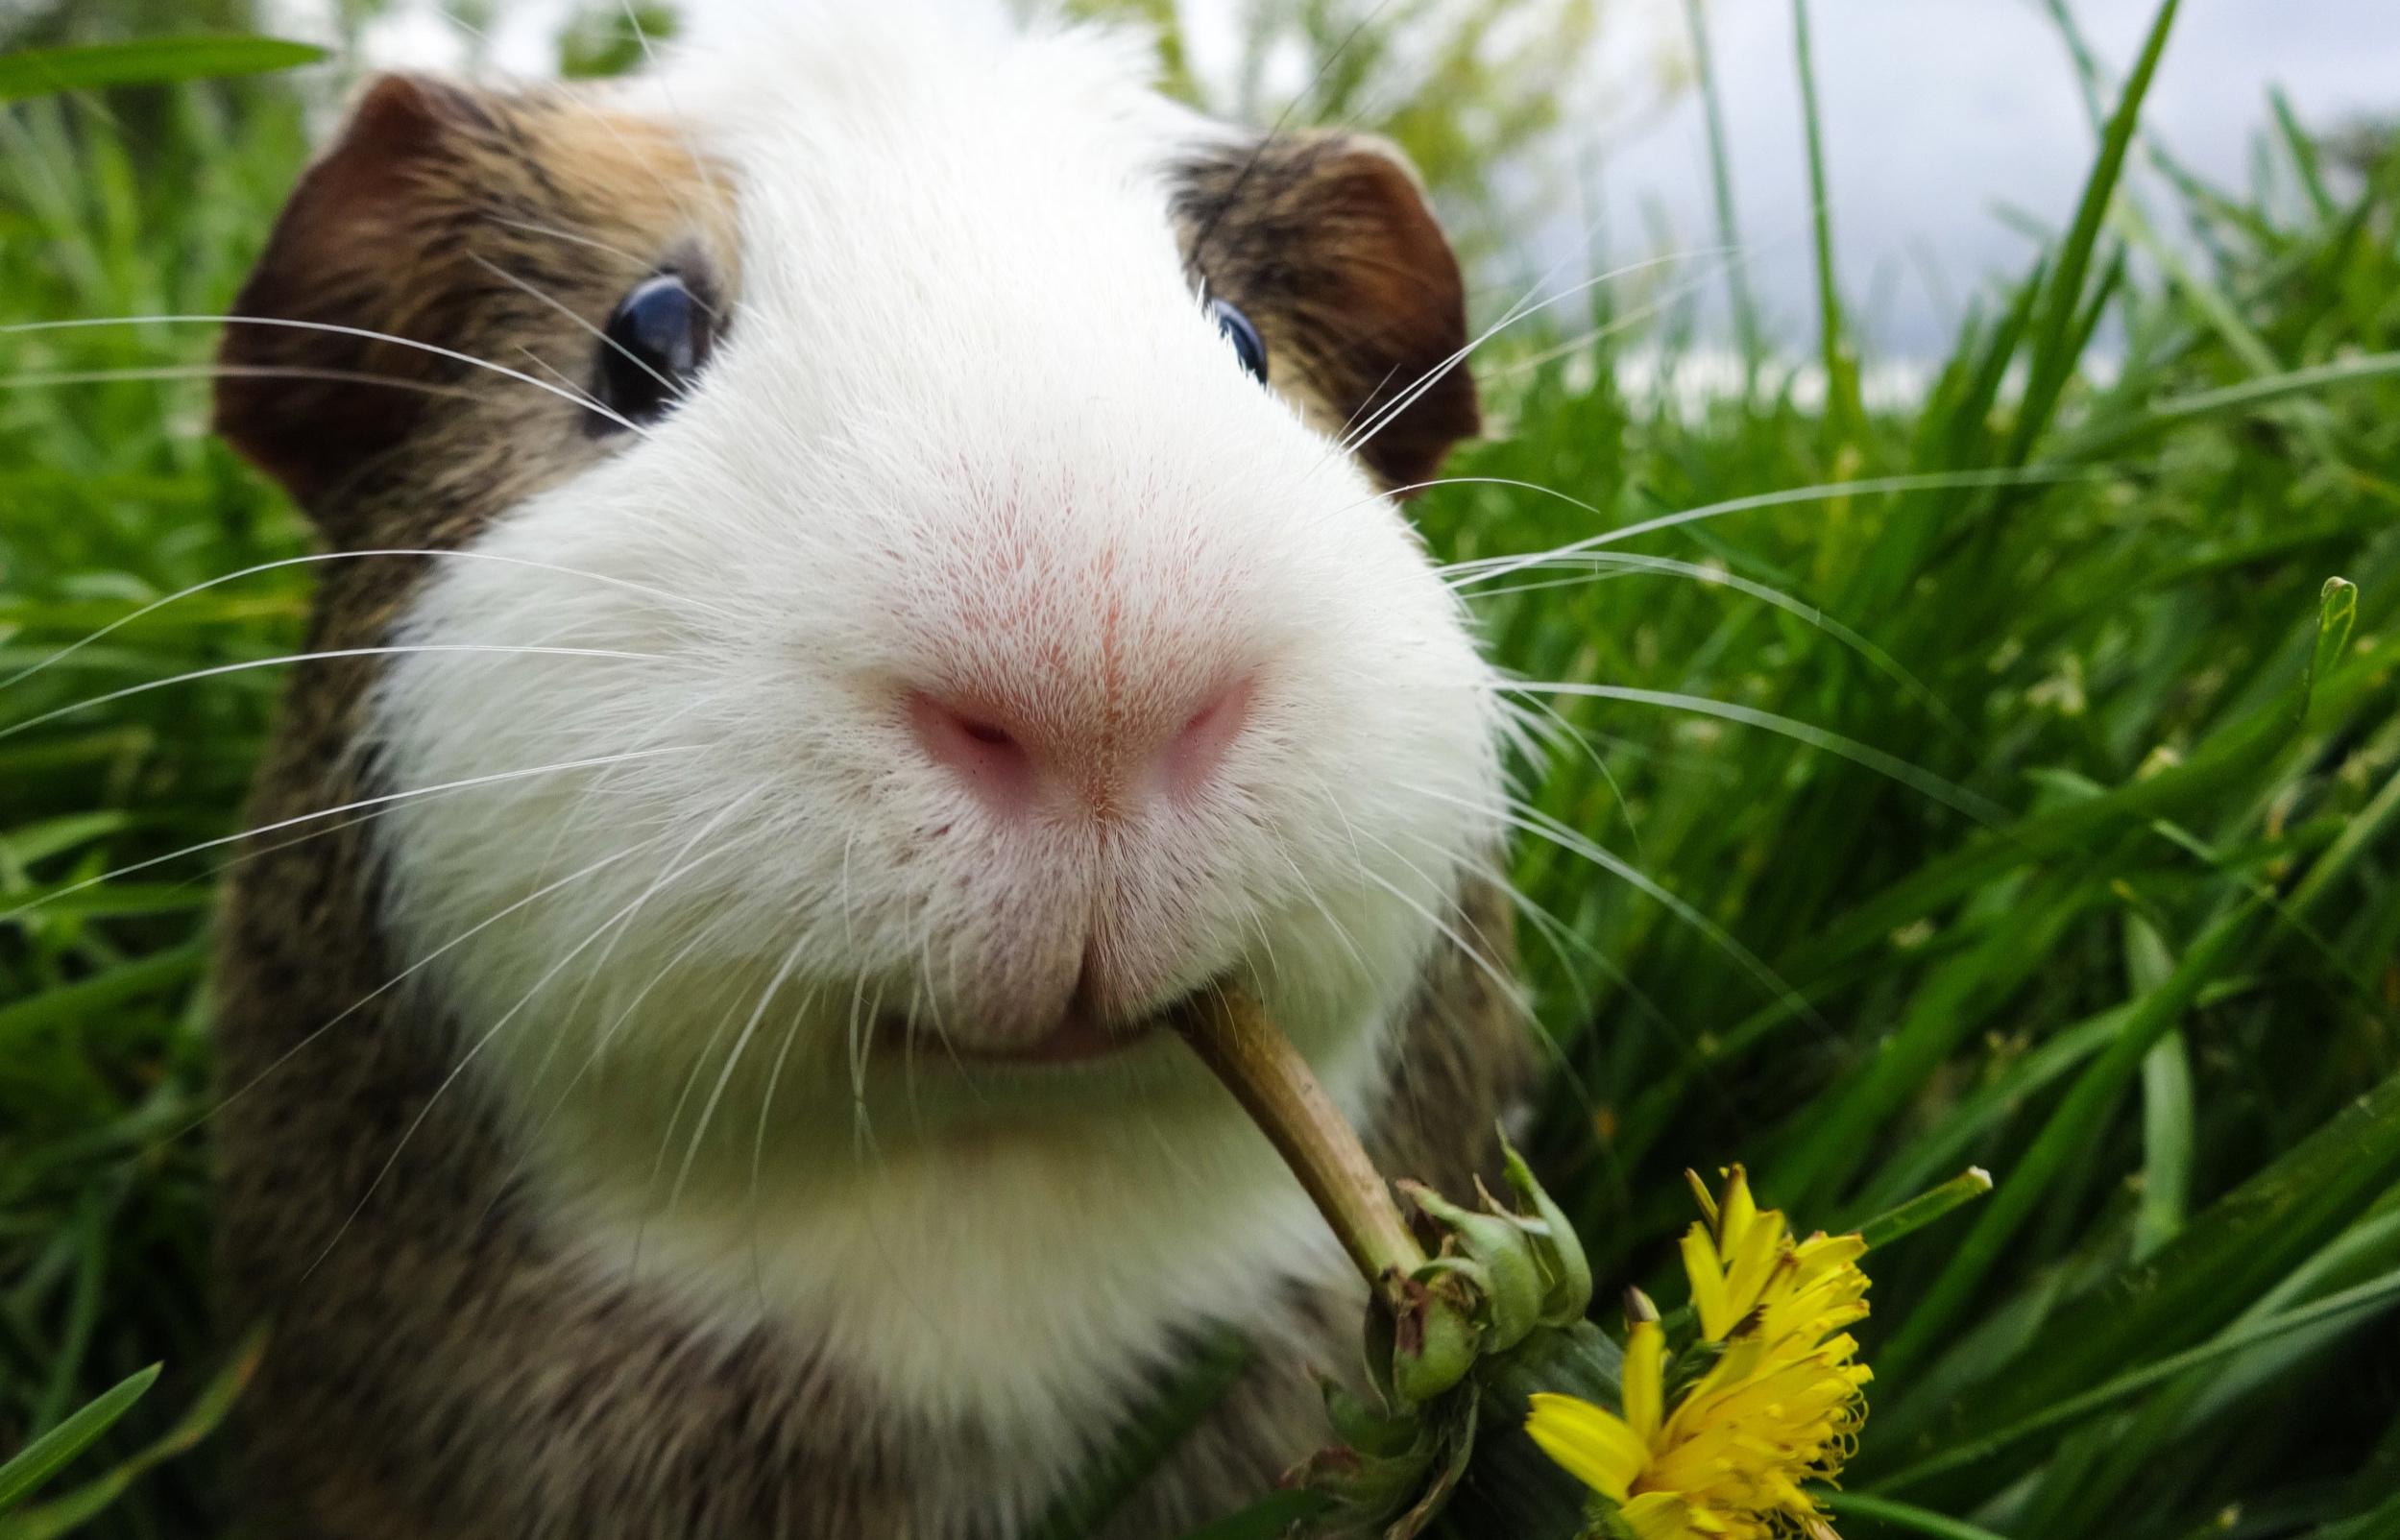 guinea+pig+in+grass+-+Copy.jpg